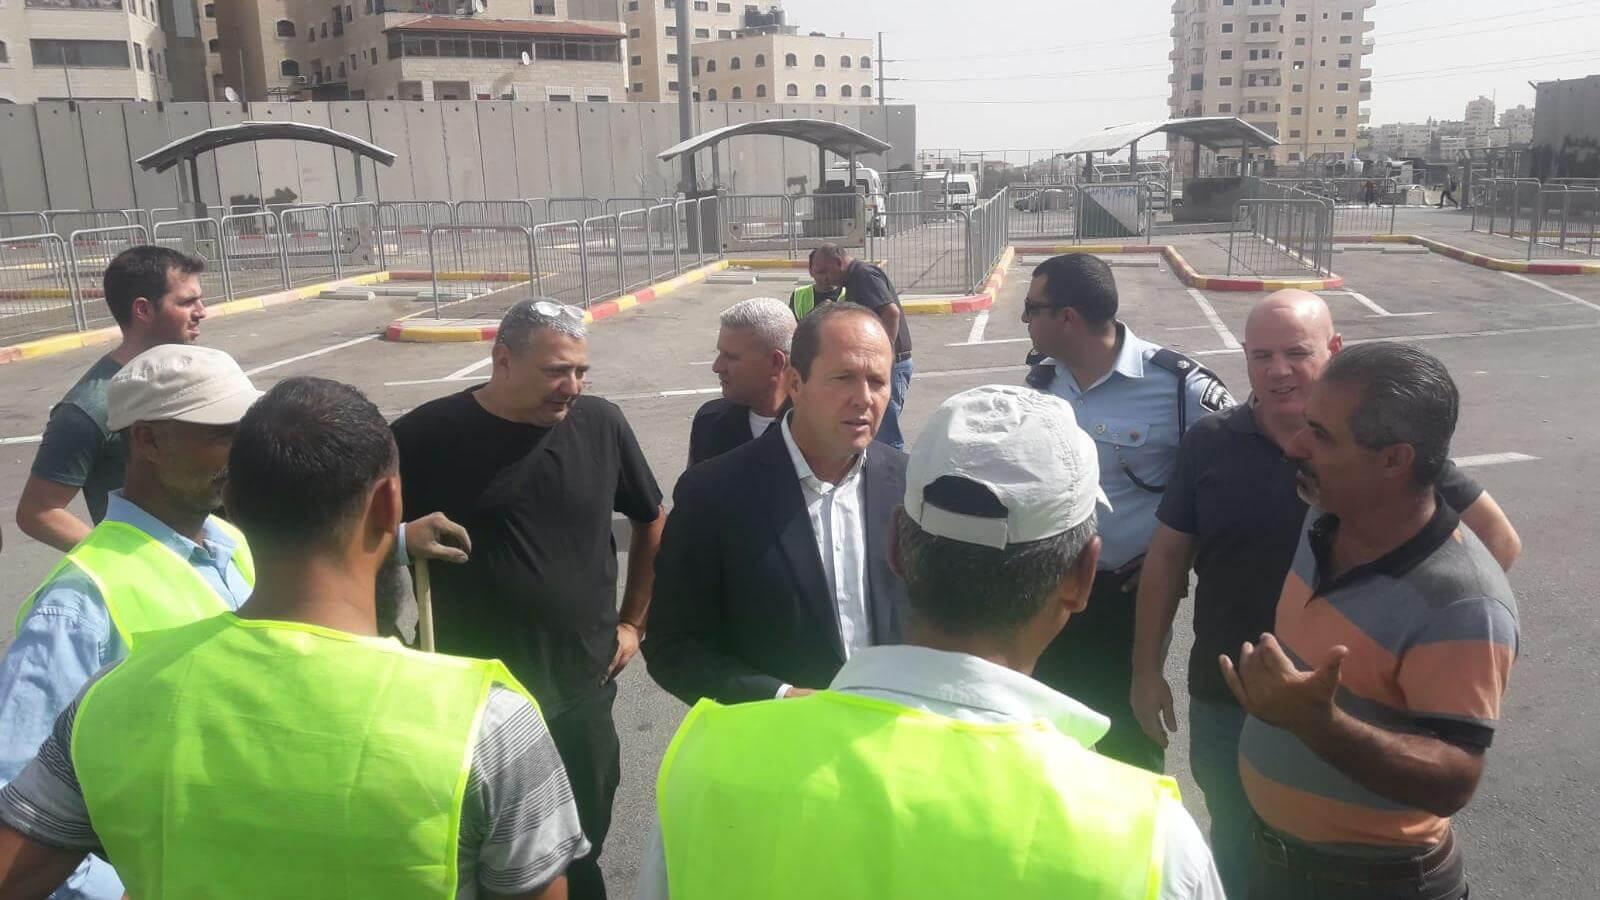 Jerusalem Mayor Nir Barkat (center) talks to municipal workers on October 23 in Shufat Camp.